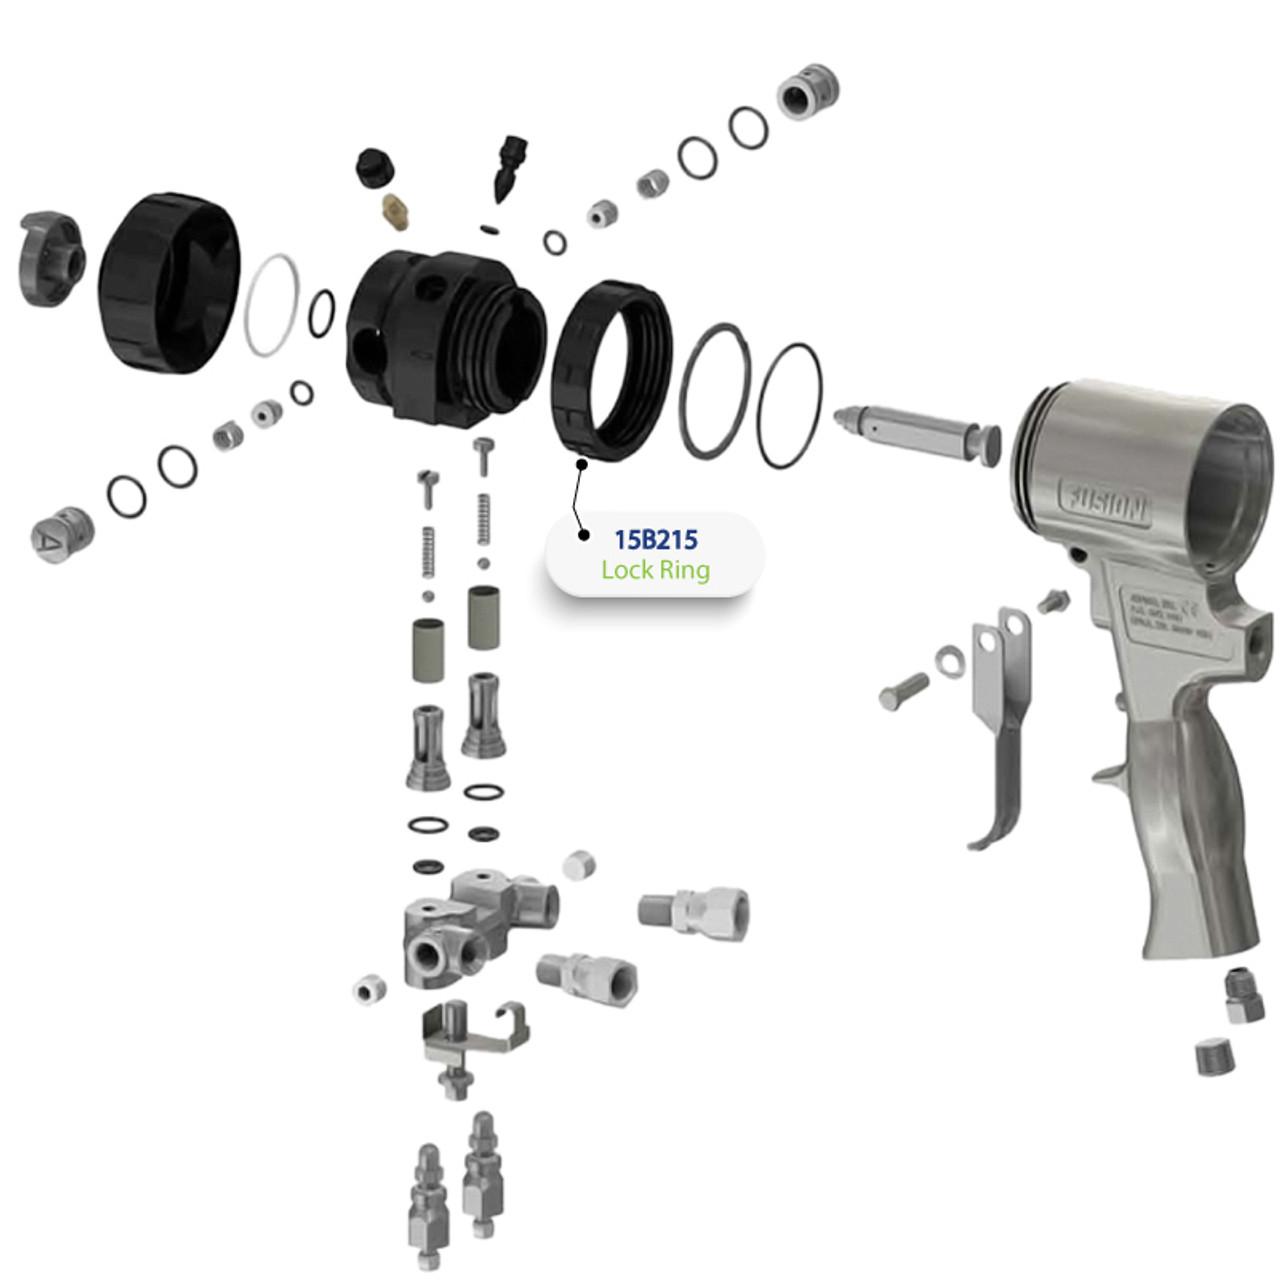 Lock Ring for Graco Fusion Air Purge (AP) Spray Gun